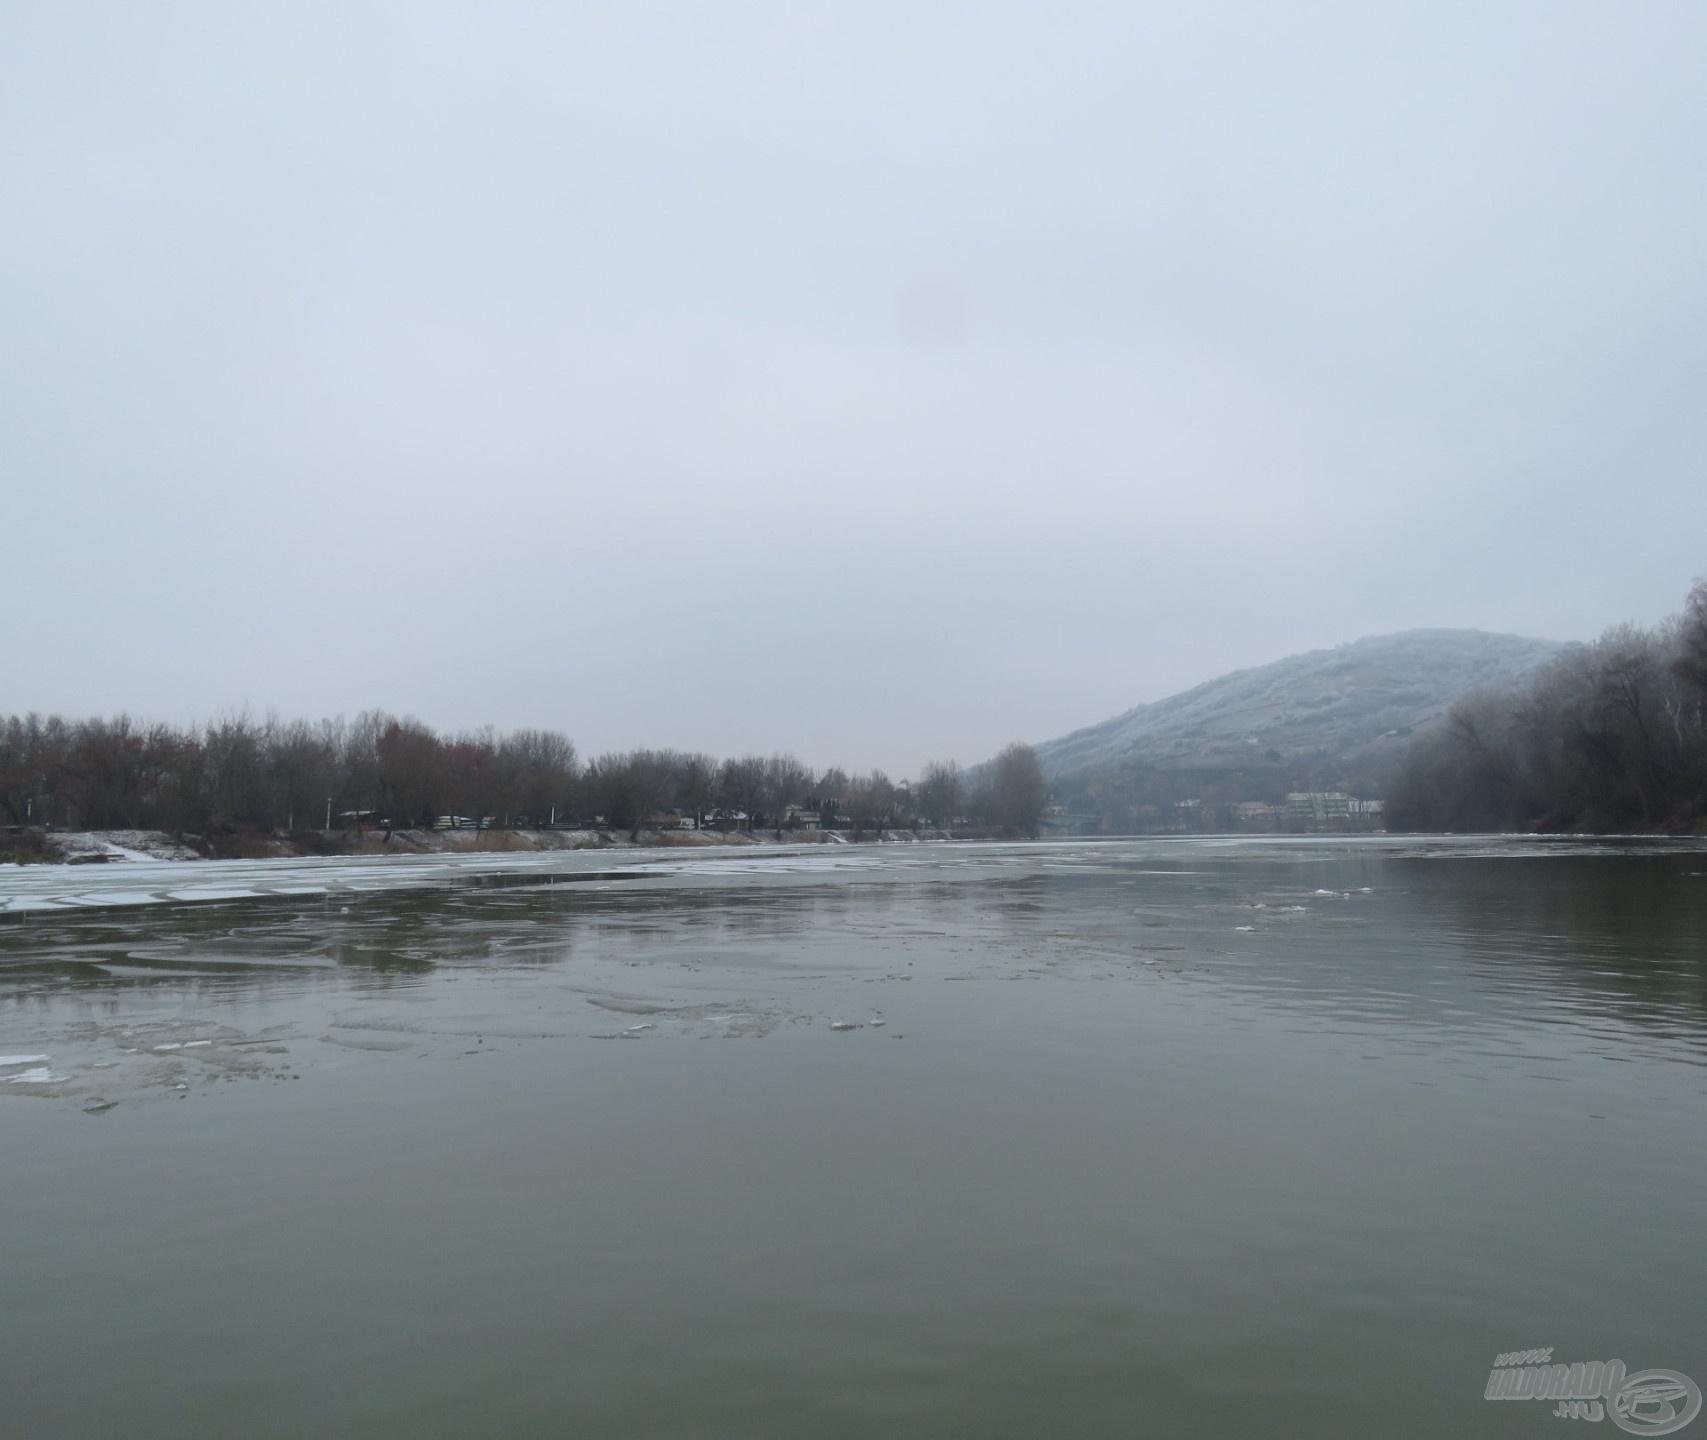 Tokajnál már december közepén gyülekeztek a jégtáblák – tudtuk, hogy nem fogja tartani magát a folyó az ünnepekig